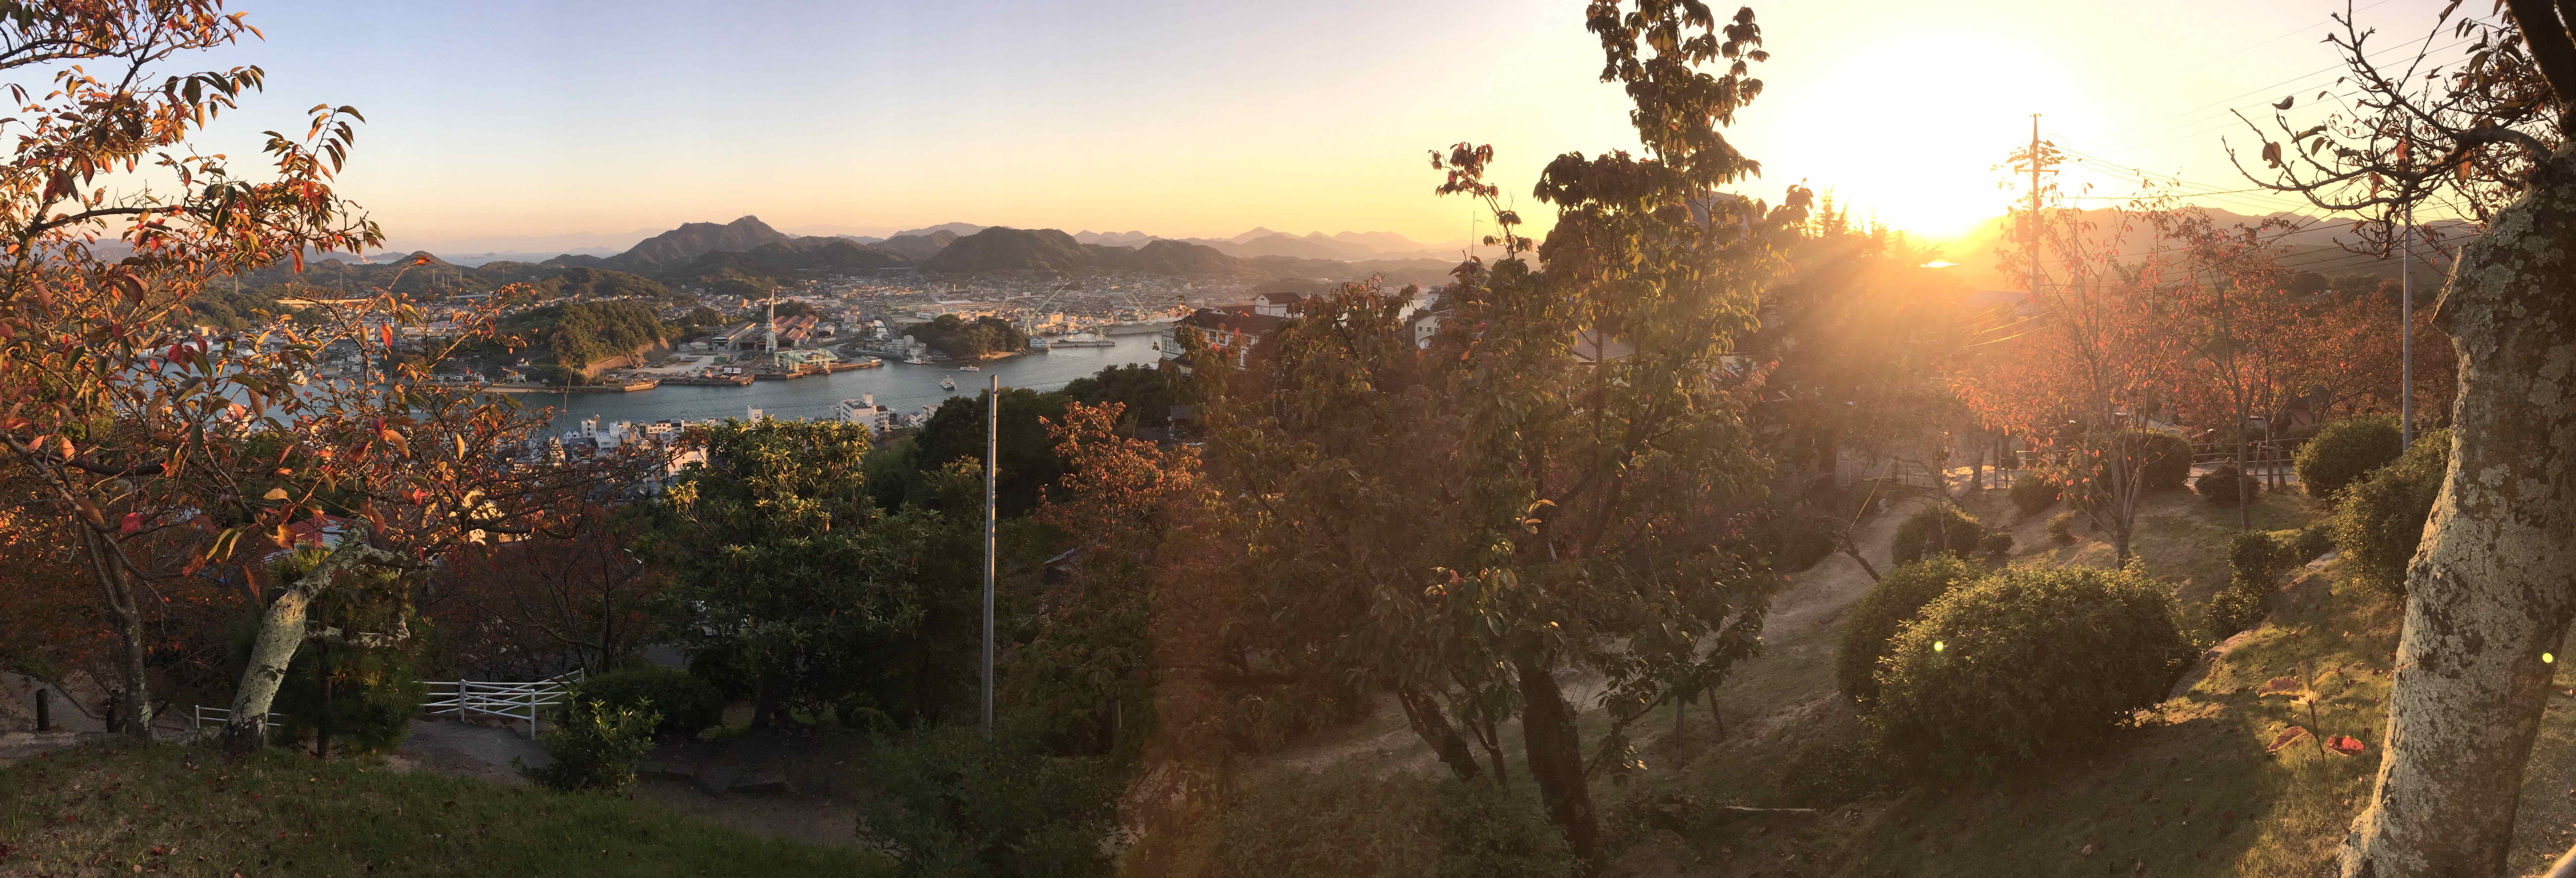 千光寺公園からの夕陽